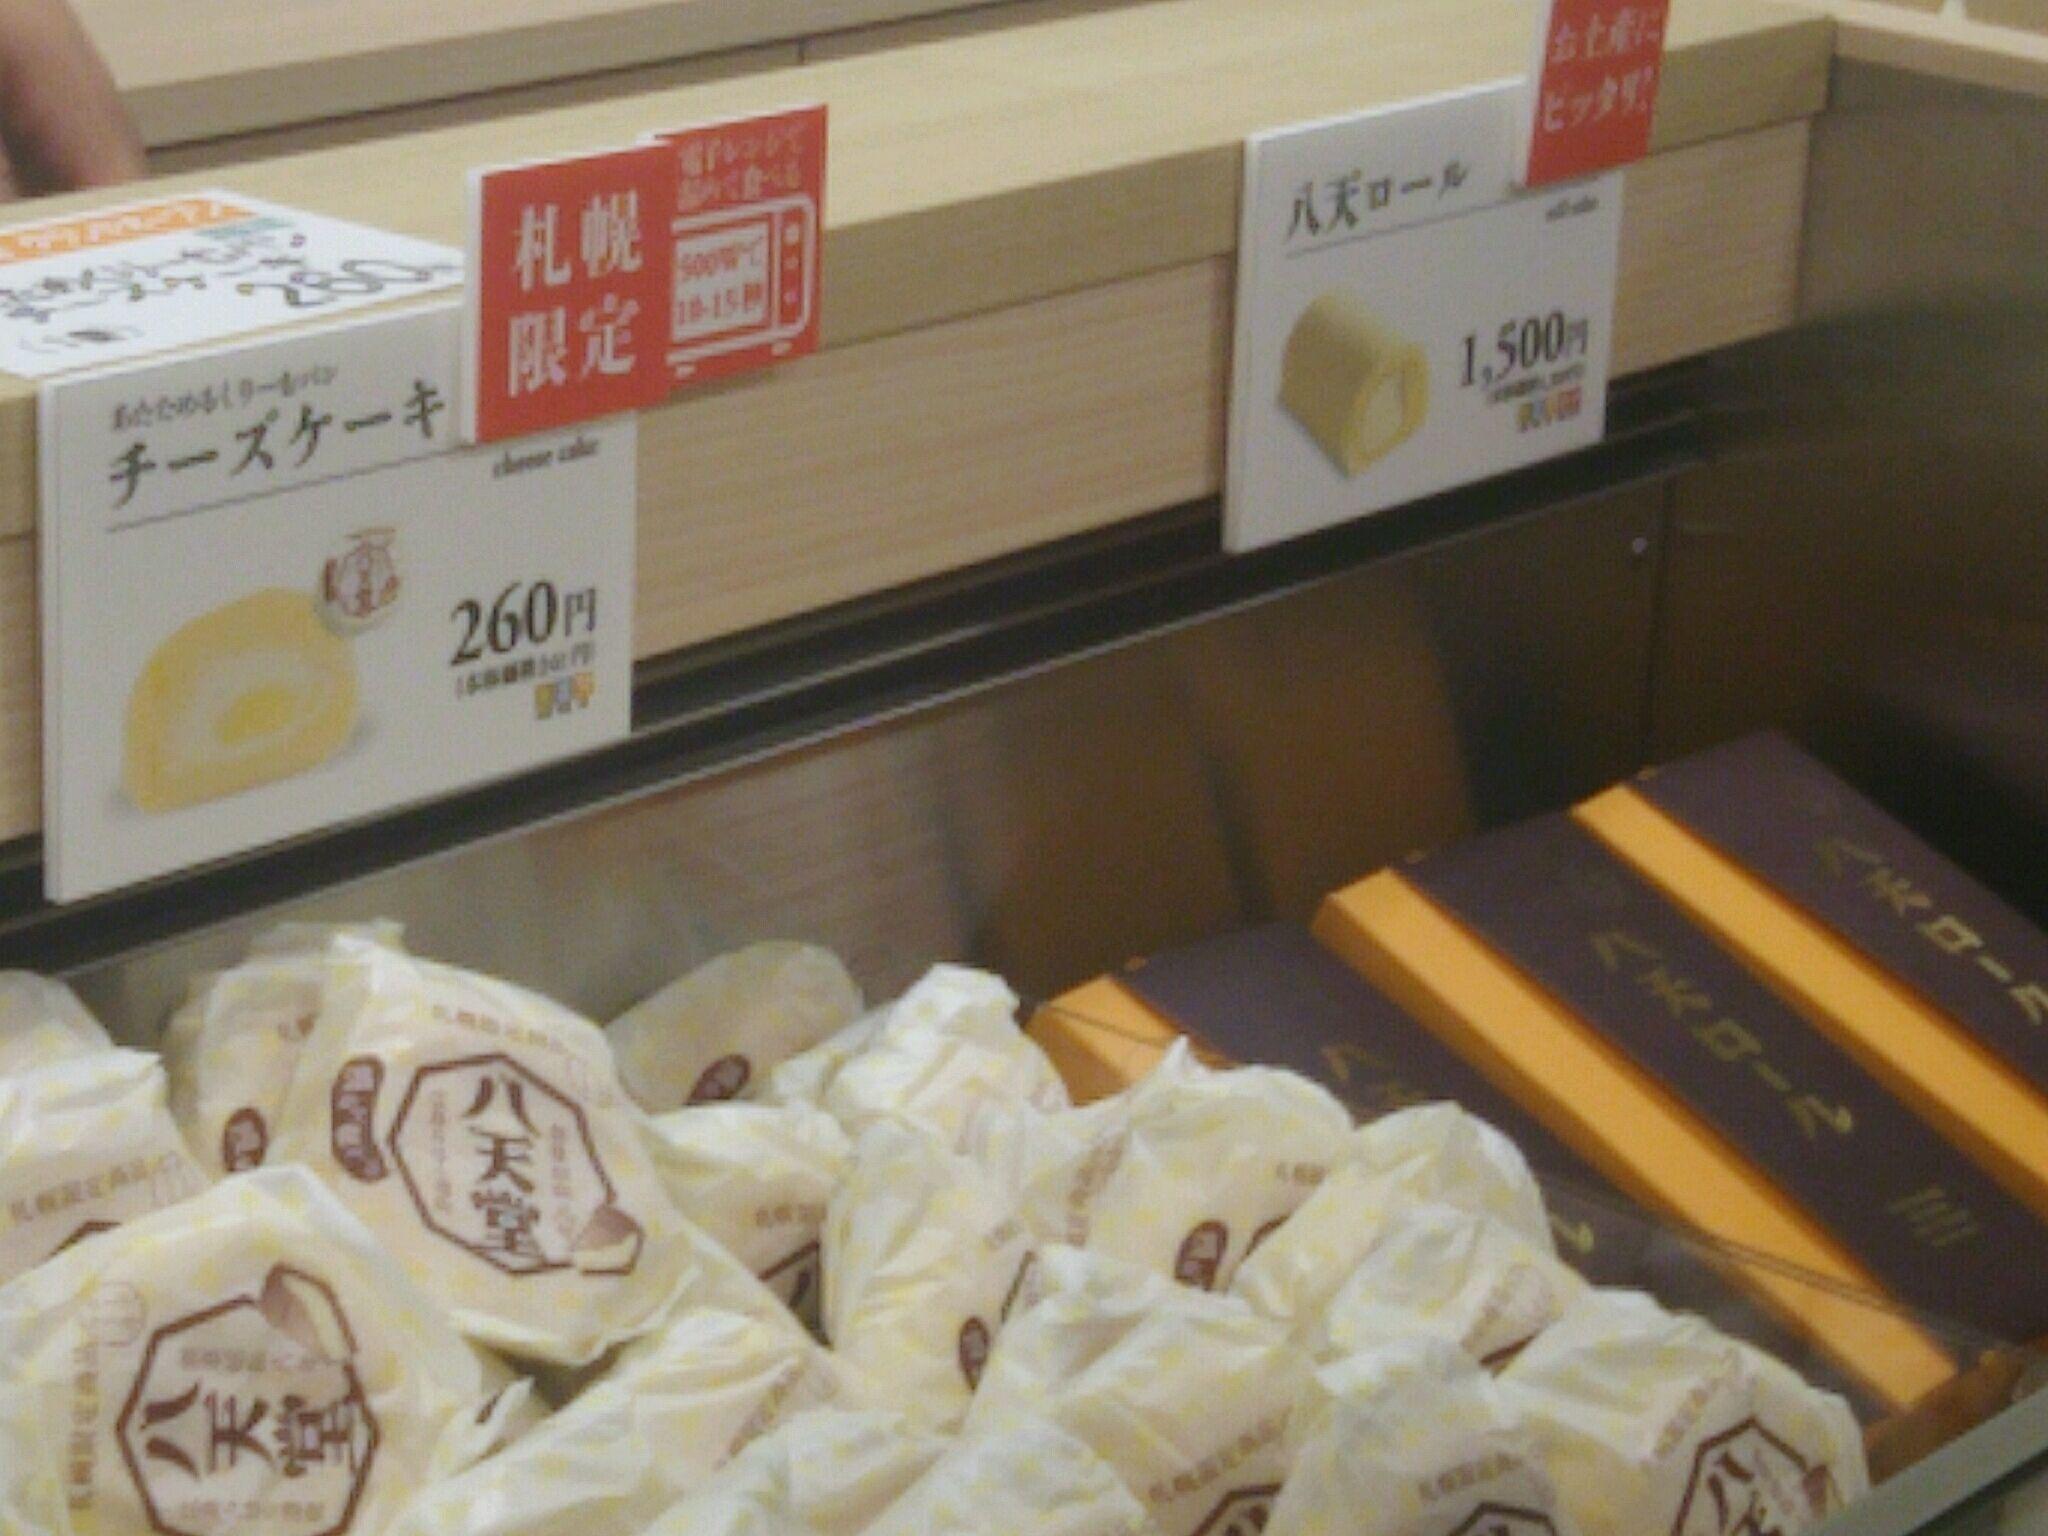 八天堂 札幌エスタ店